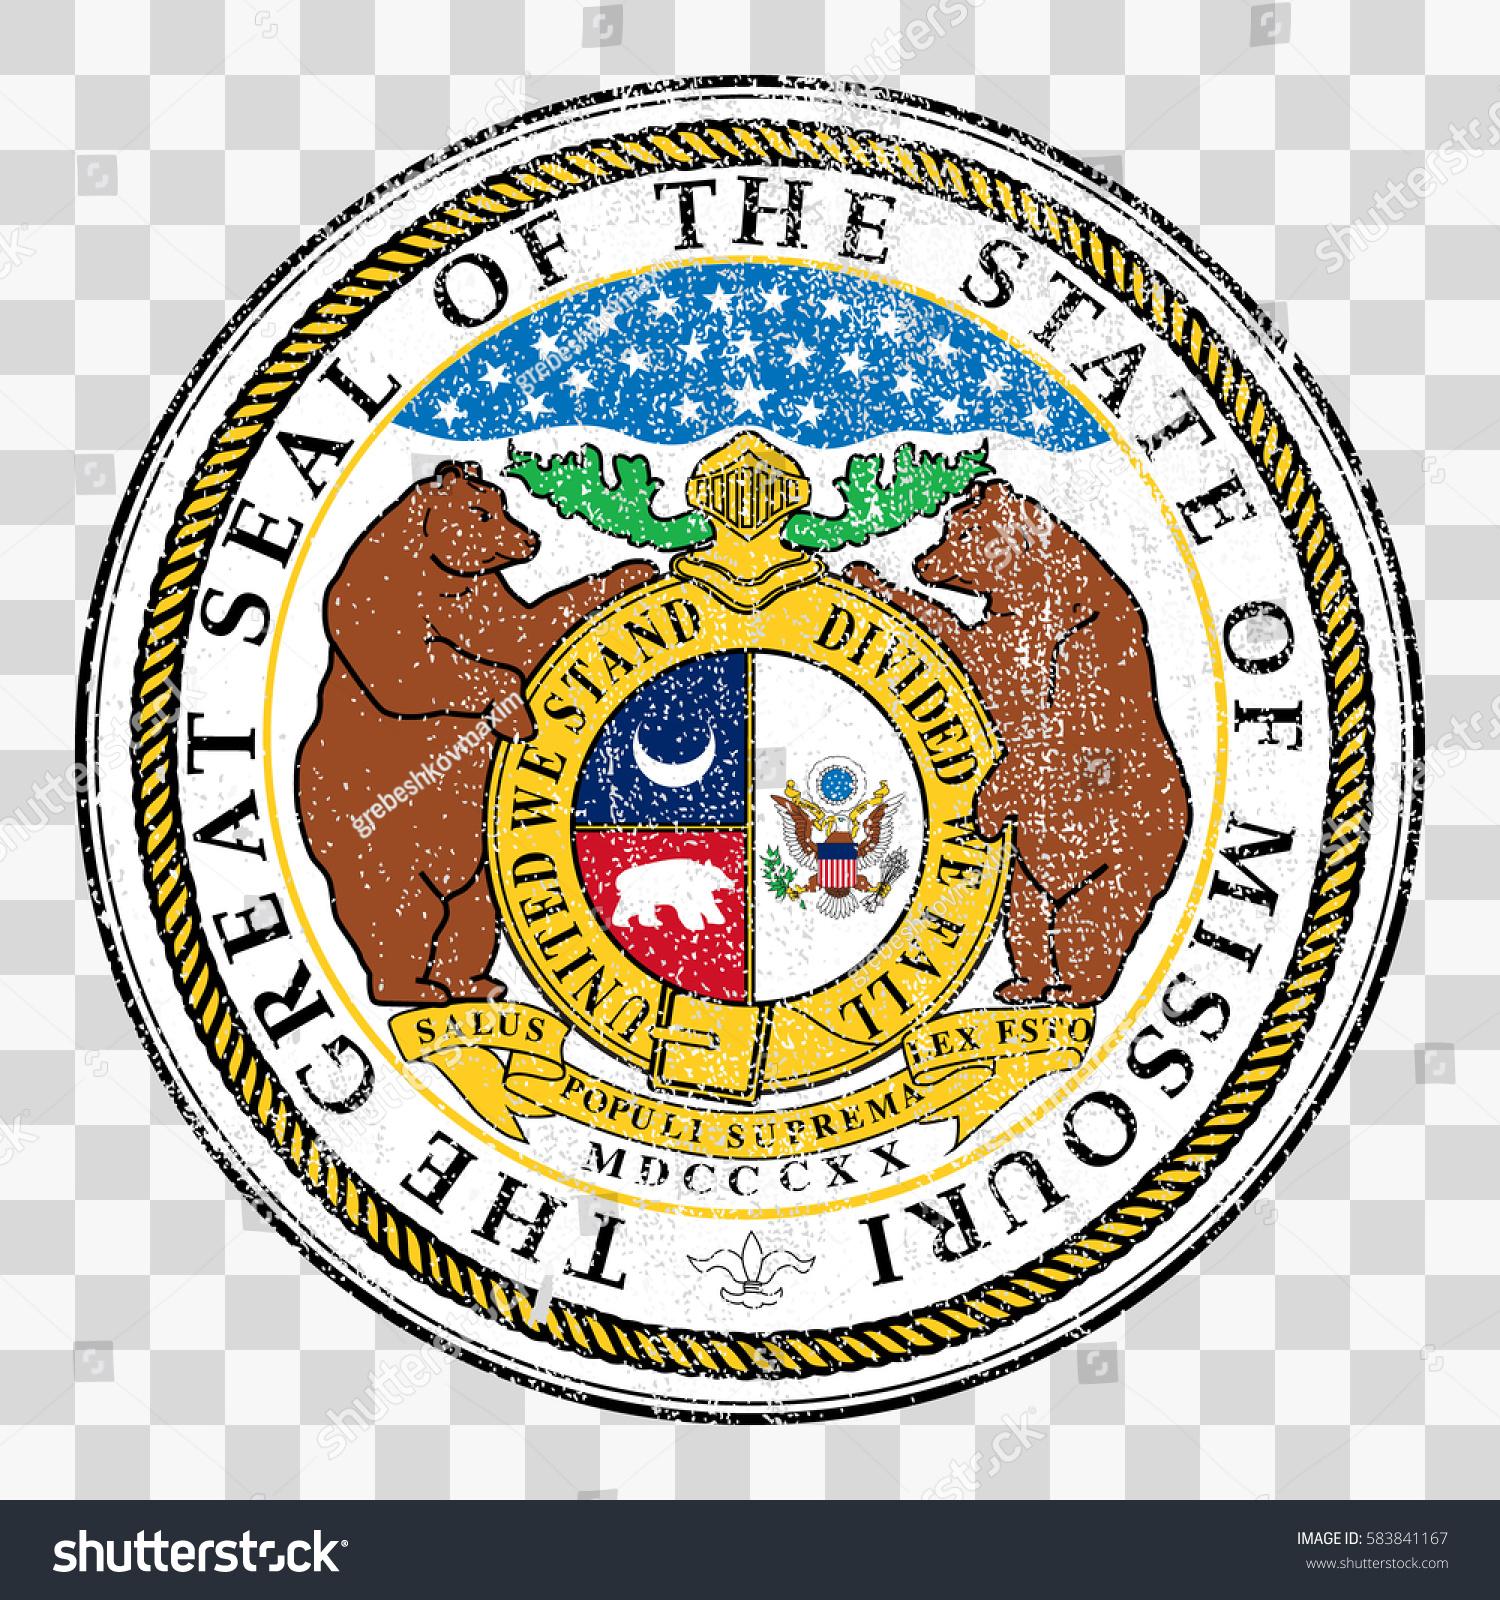 State Seal USA State Missouri Coat เวกเตอร์สต็อก (ปลอดค่า